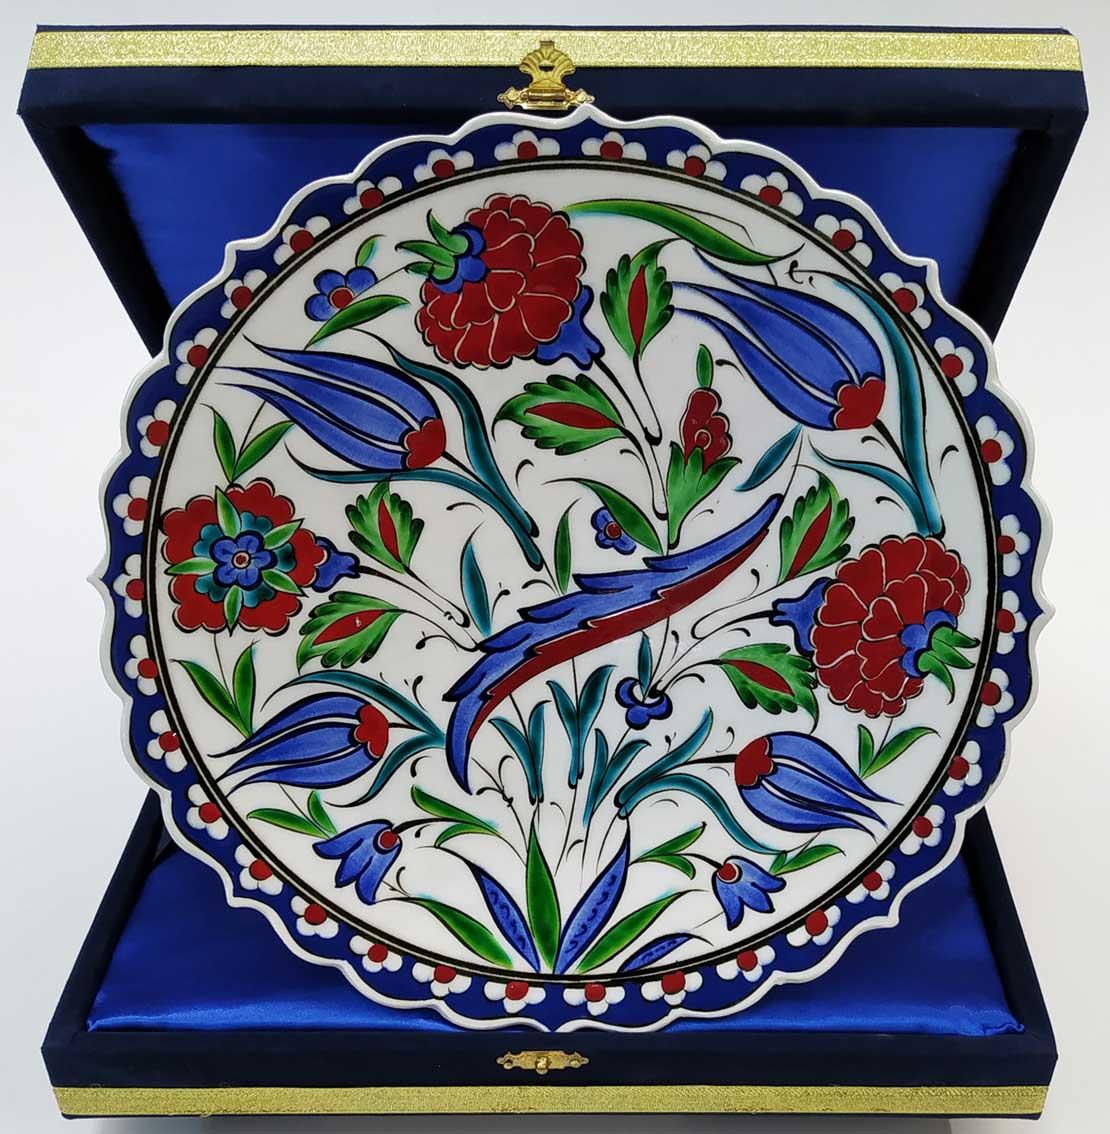 Hançer Yaprağı Gül lale desenli kadife kutulu hediyelik klasik Osmanlı Çini Tabaklar